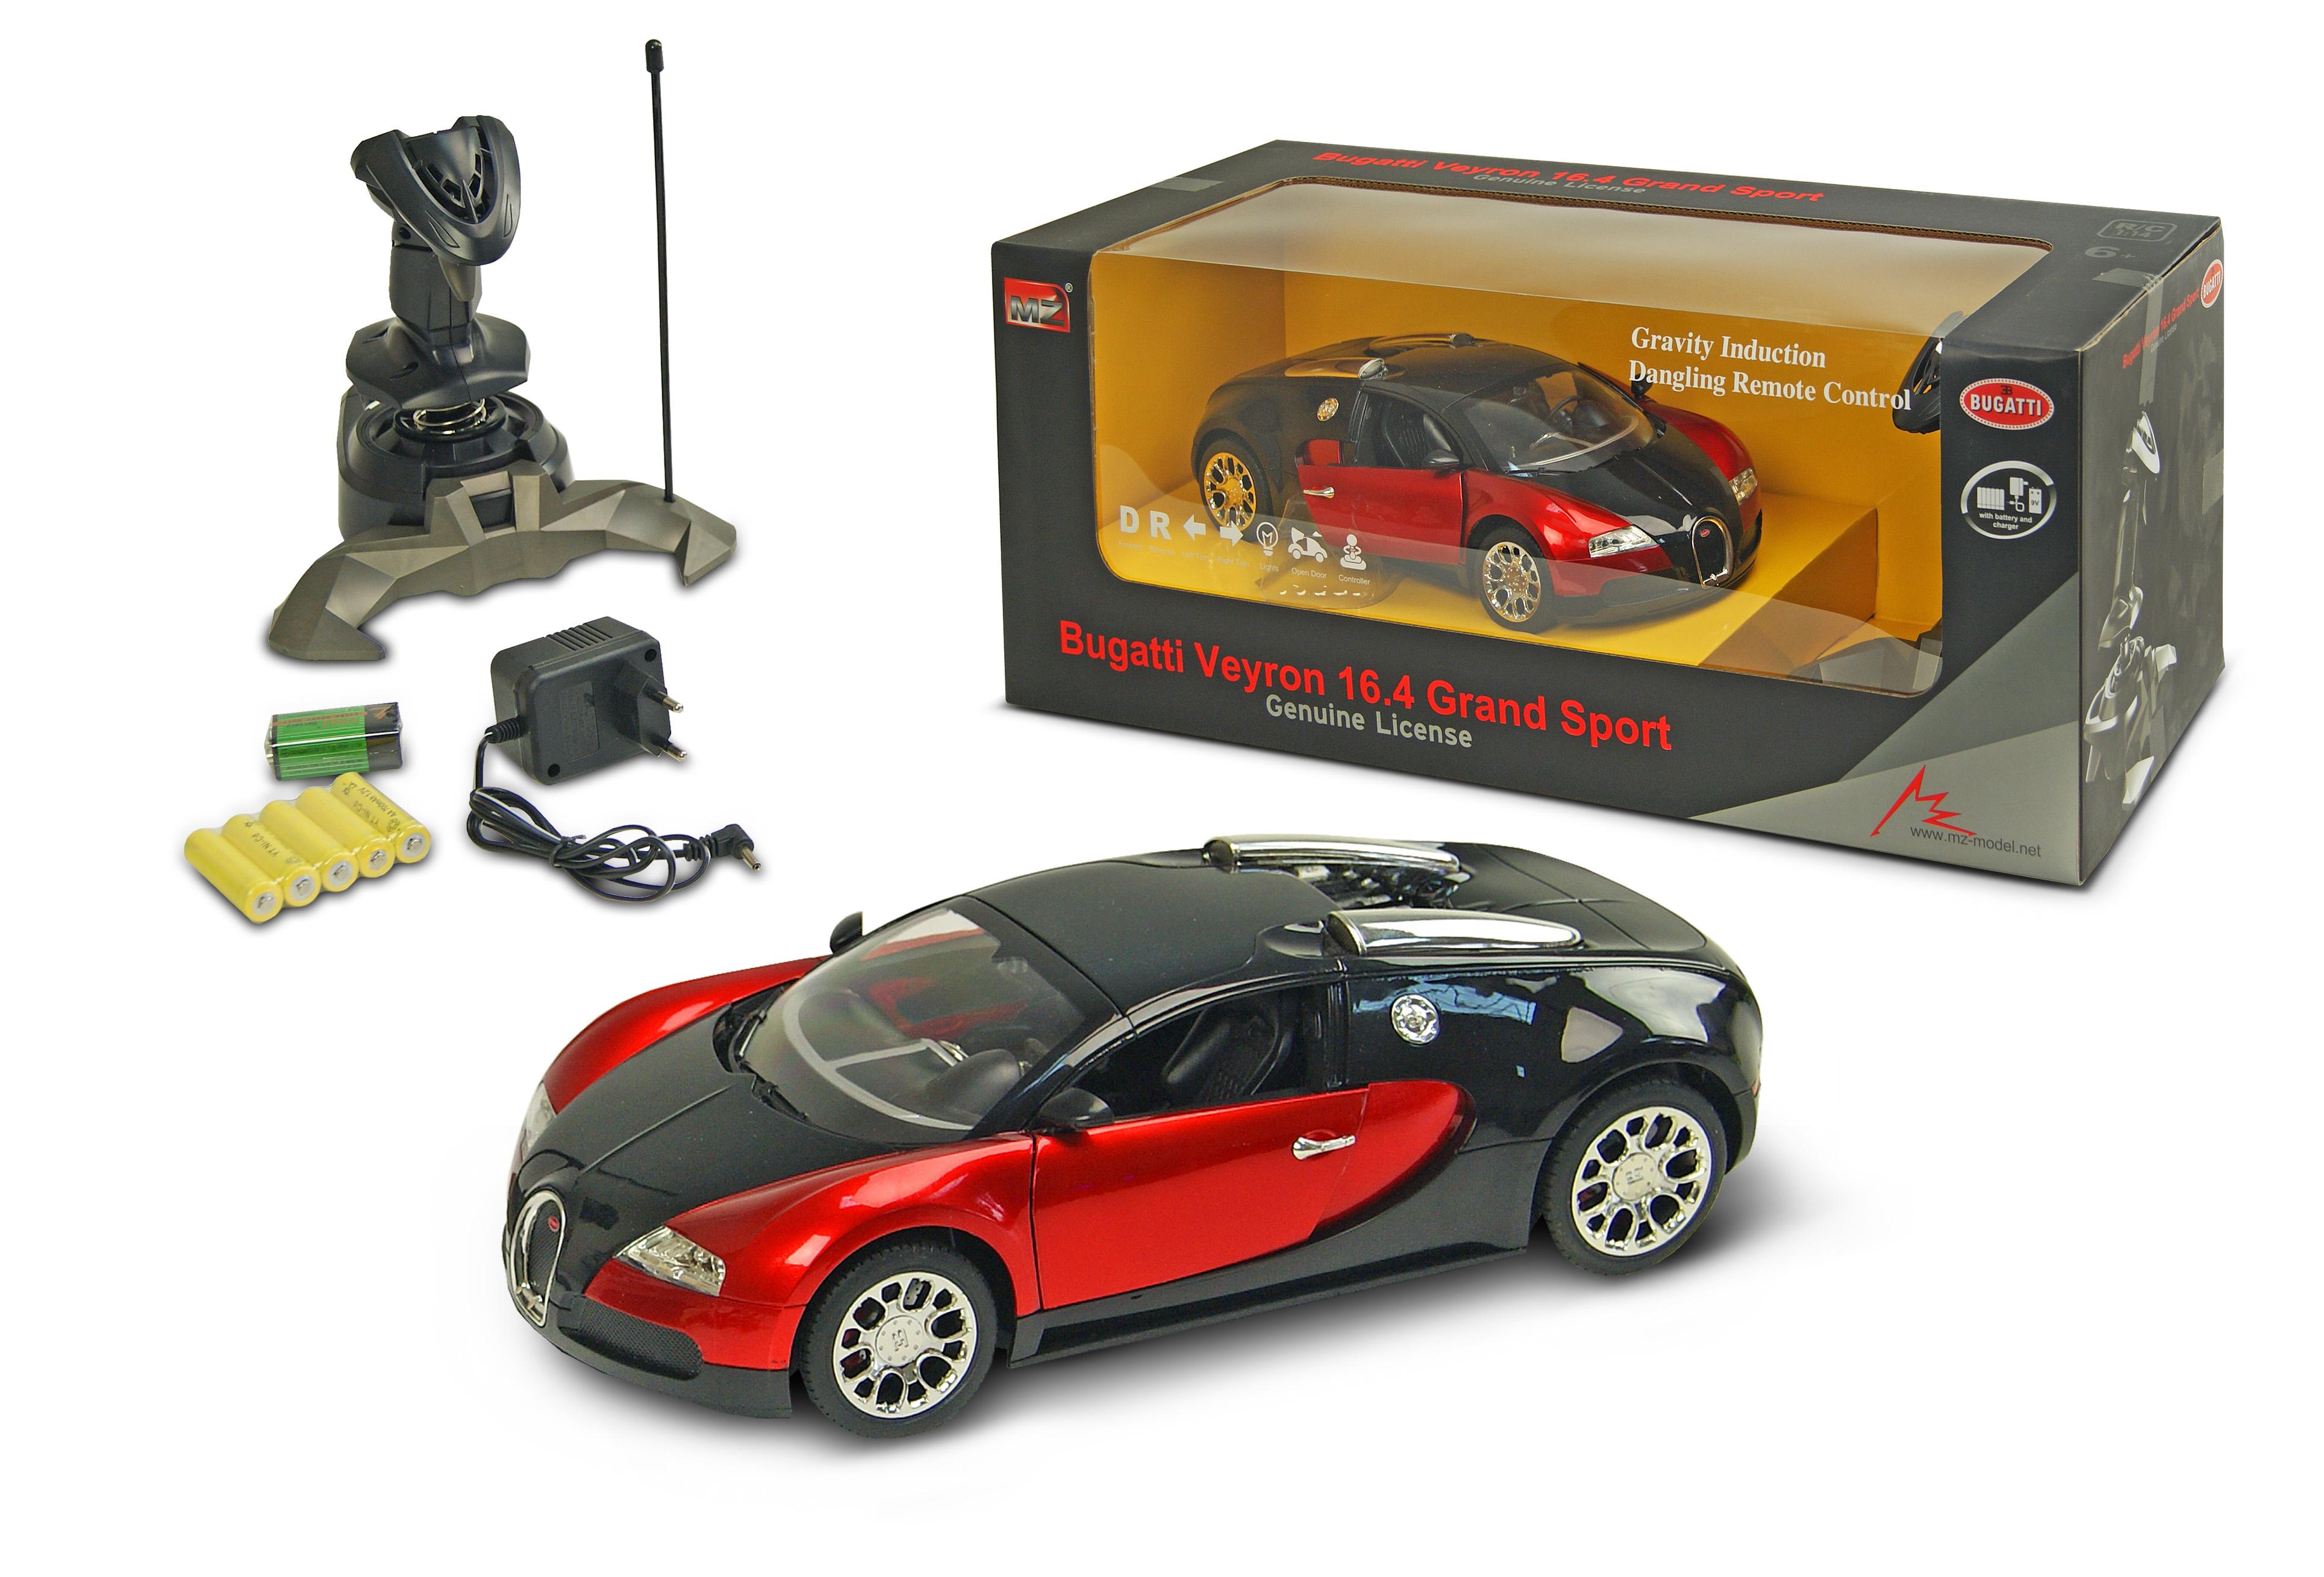 Іграшка машина акум.батар.р/к 2132D 1:14 Bugatti, відкр.двері, 2кол, в кор